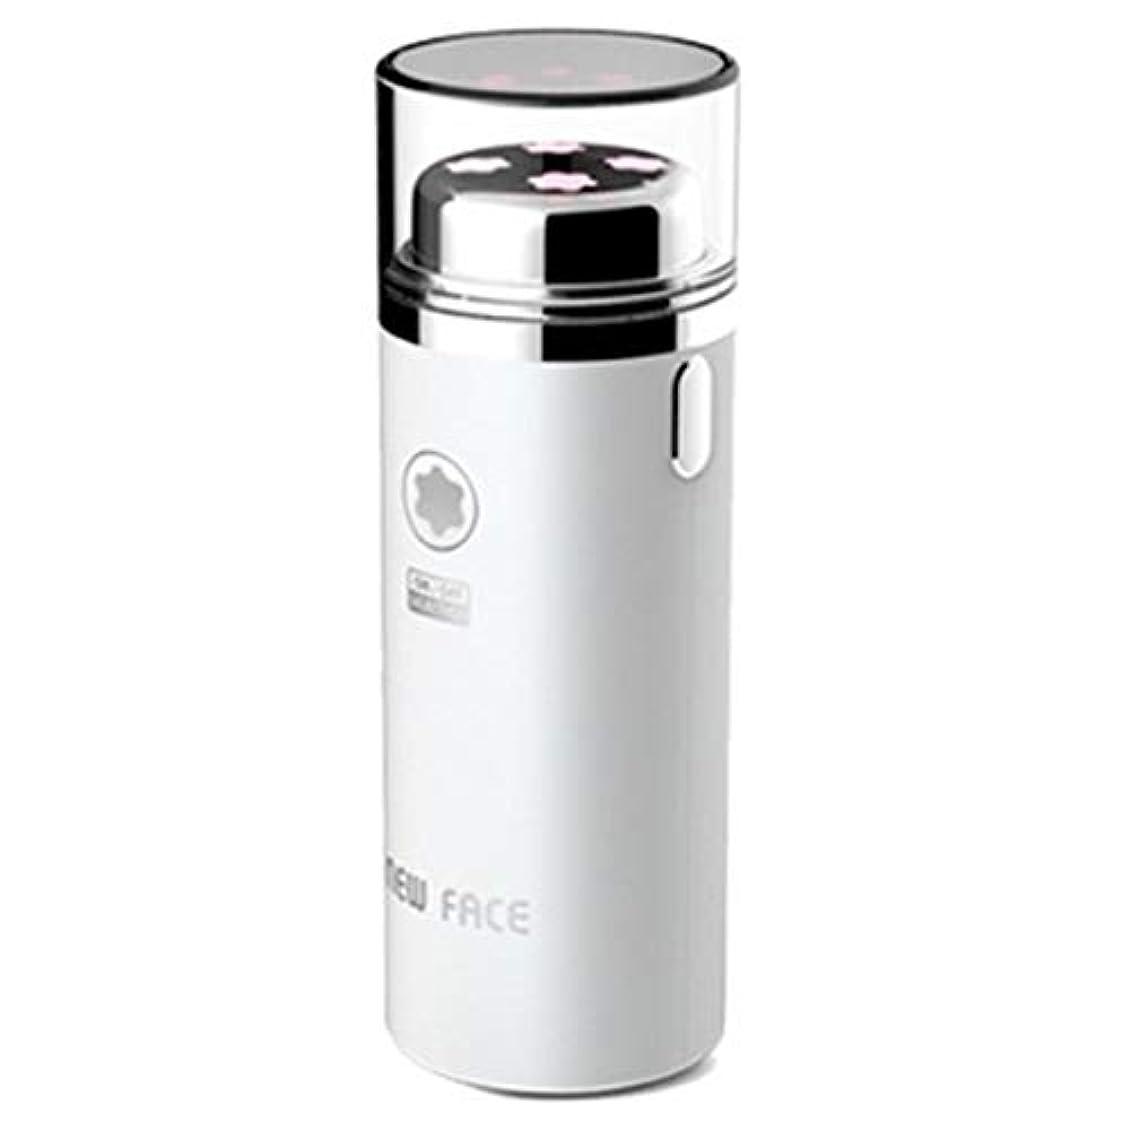 グレートオーク電報タフエラニューフェイスガルバニックマイクロ振動イオンスキンマッサージャーEFM-2500ホワイト Elra New Face Galvanic Micro Vibration Ion Skin Massager EFM-2500...